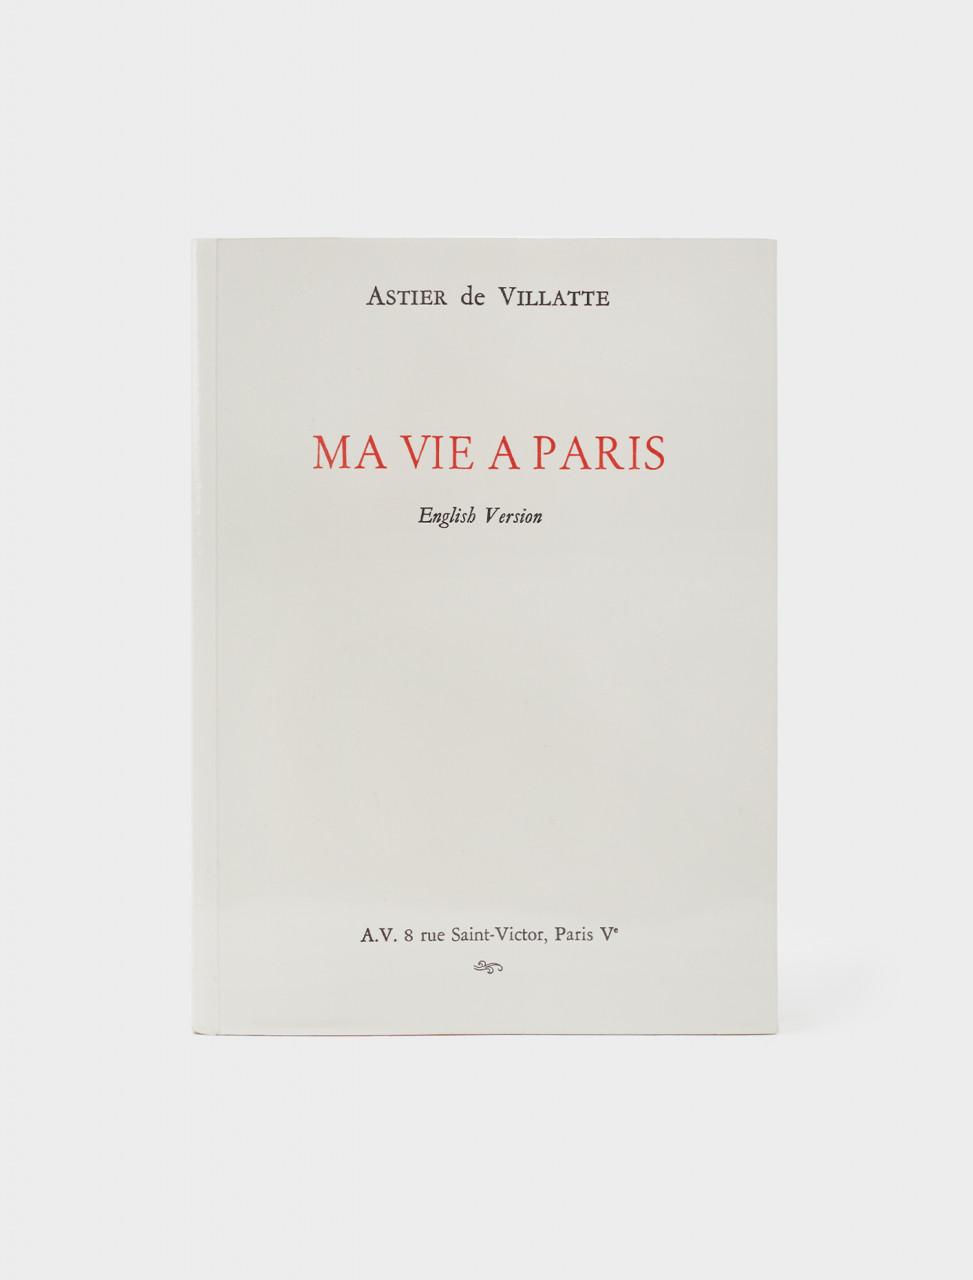 Front Cover of Astier de Villatte Ma Vie à Paris 2019, English, Paris City Guide (2nd edition)